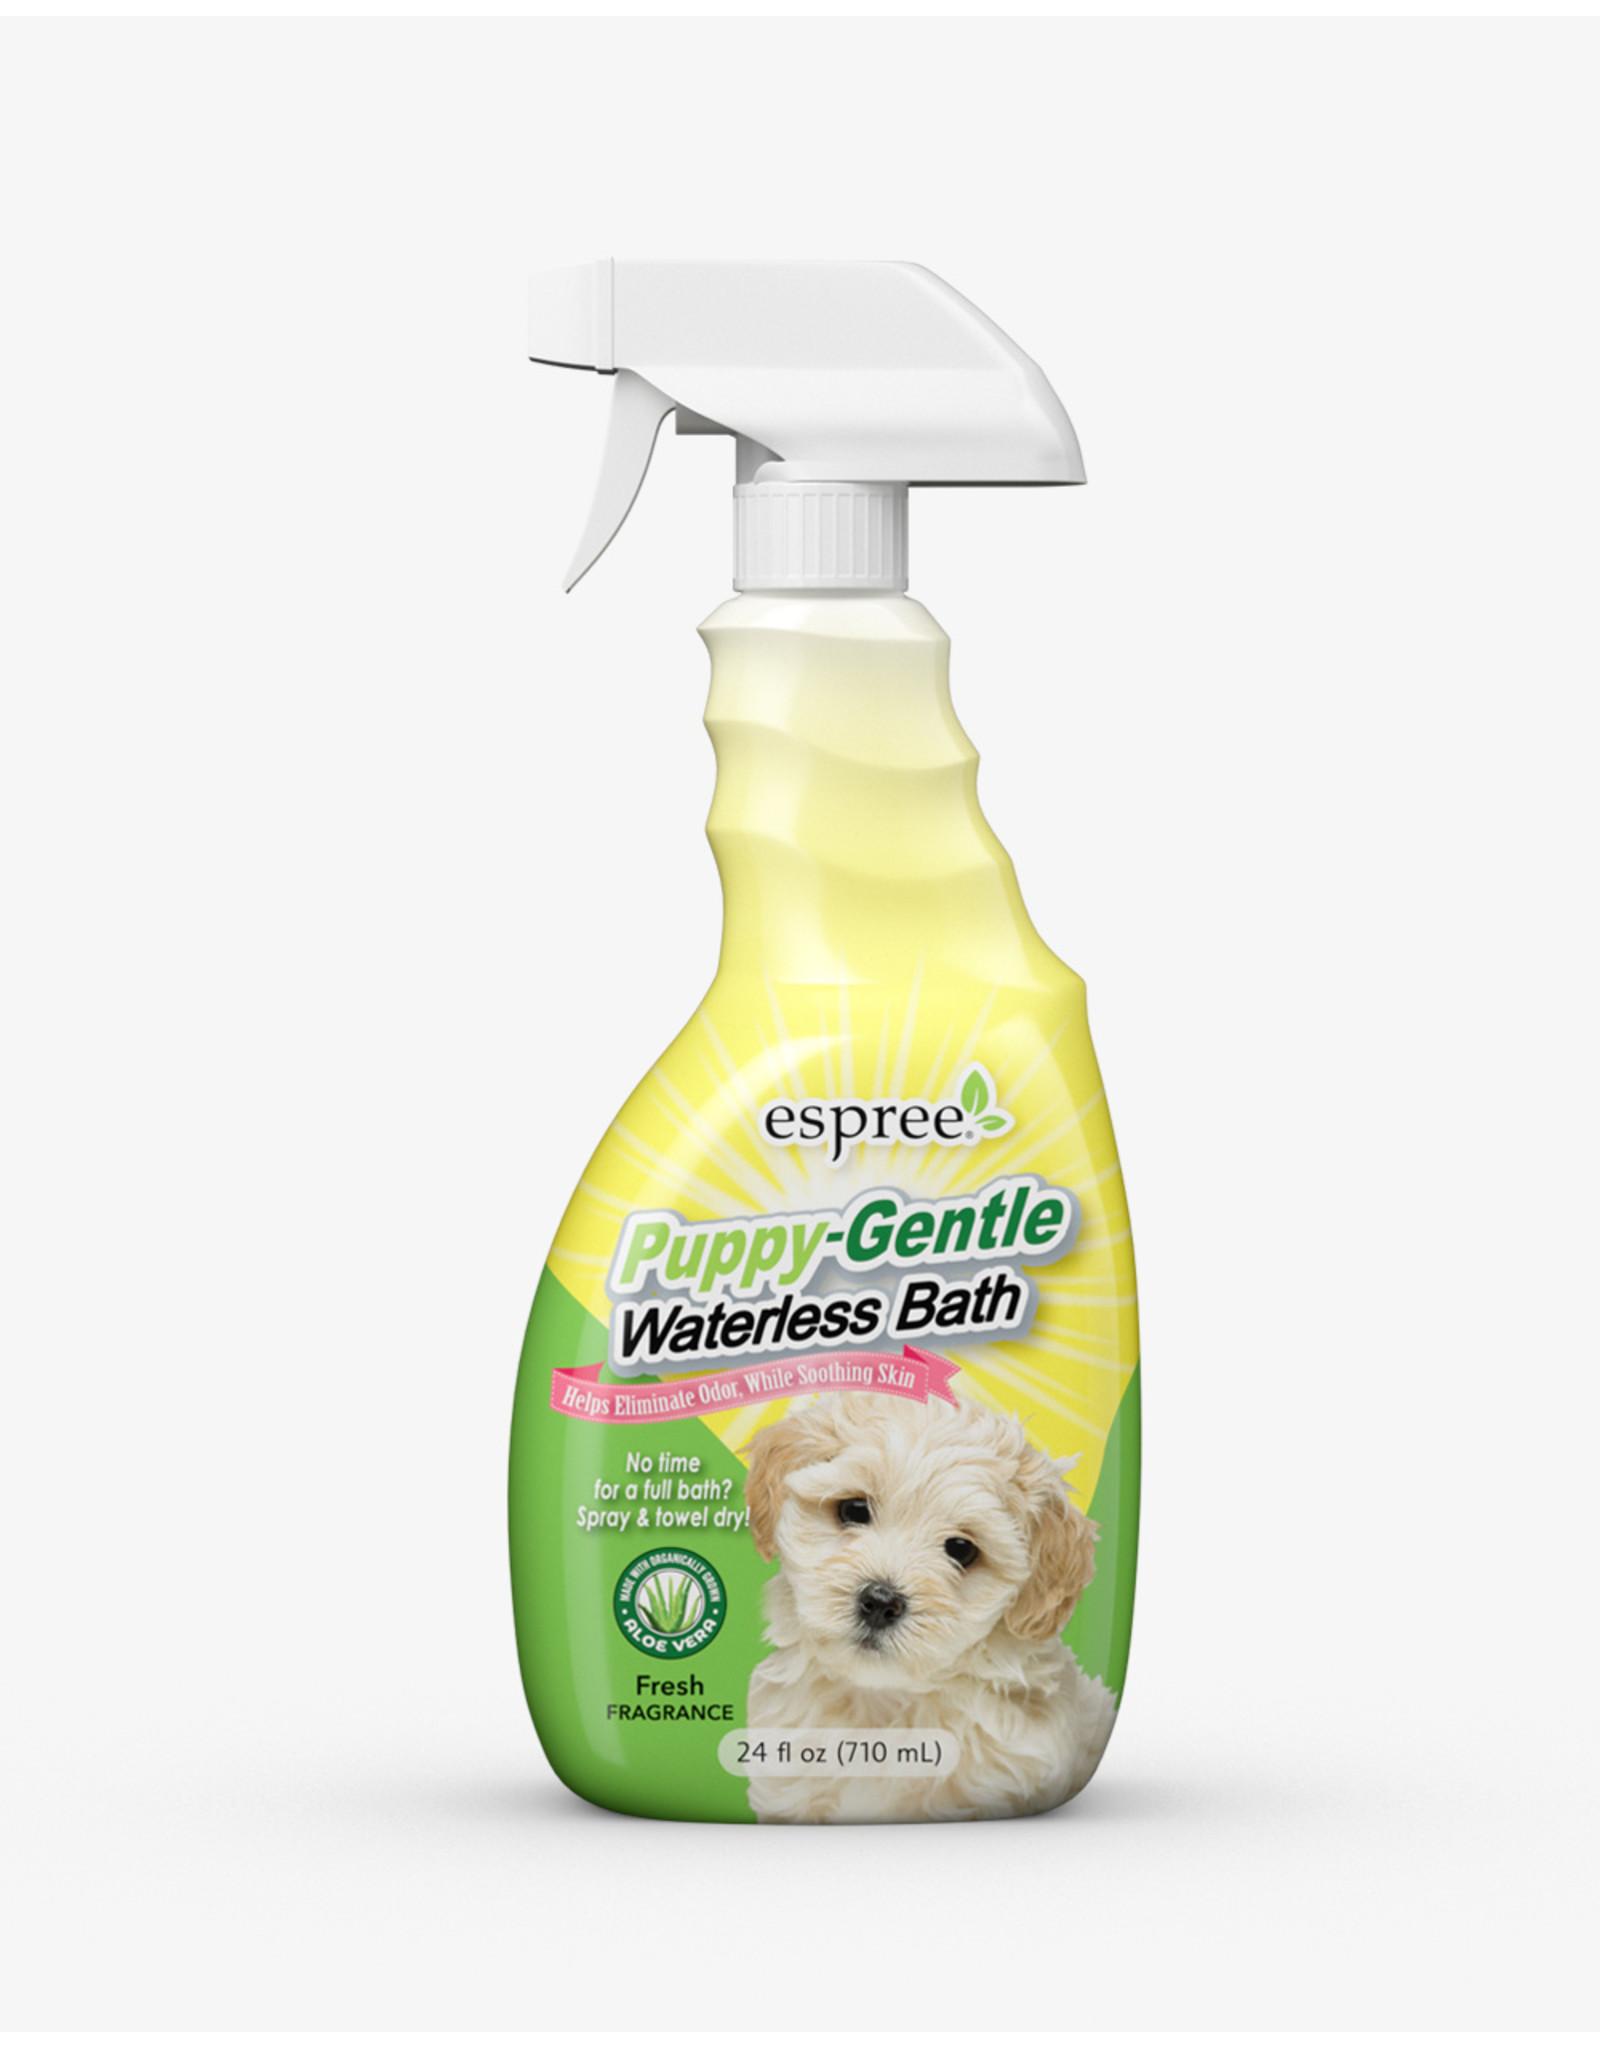 Espree Waterless Bath Puppy Gentle